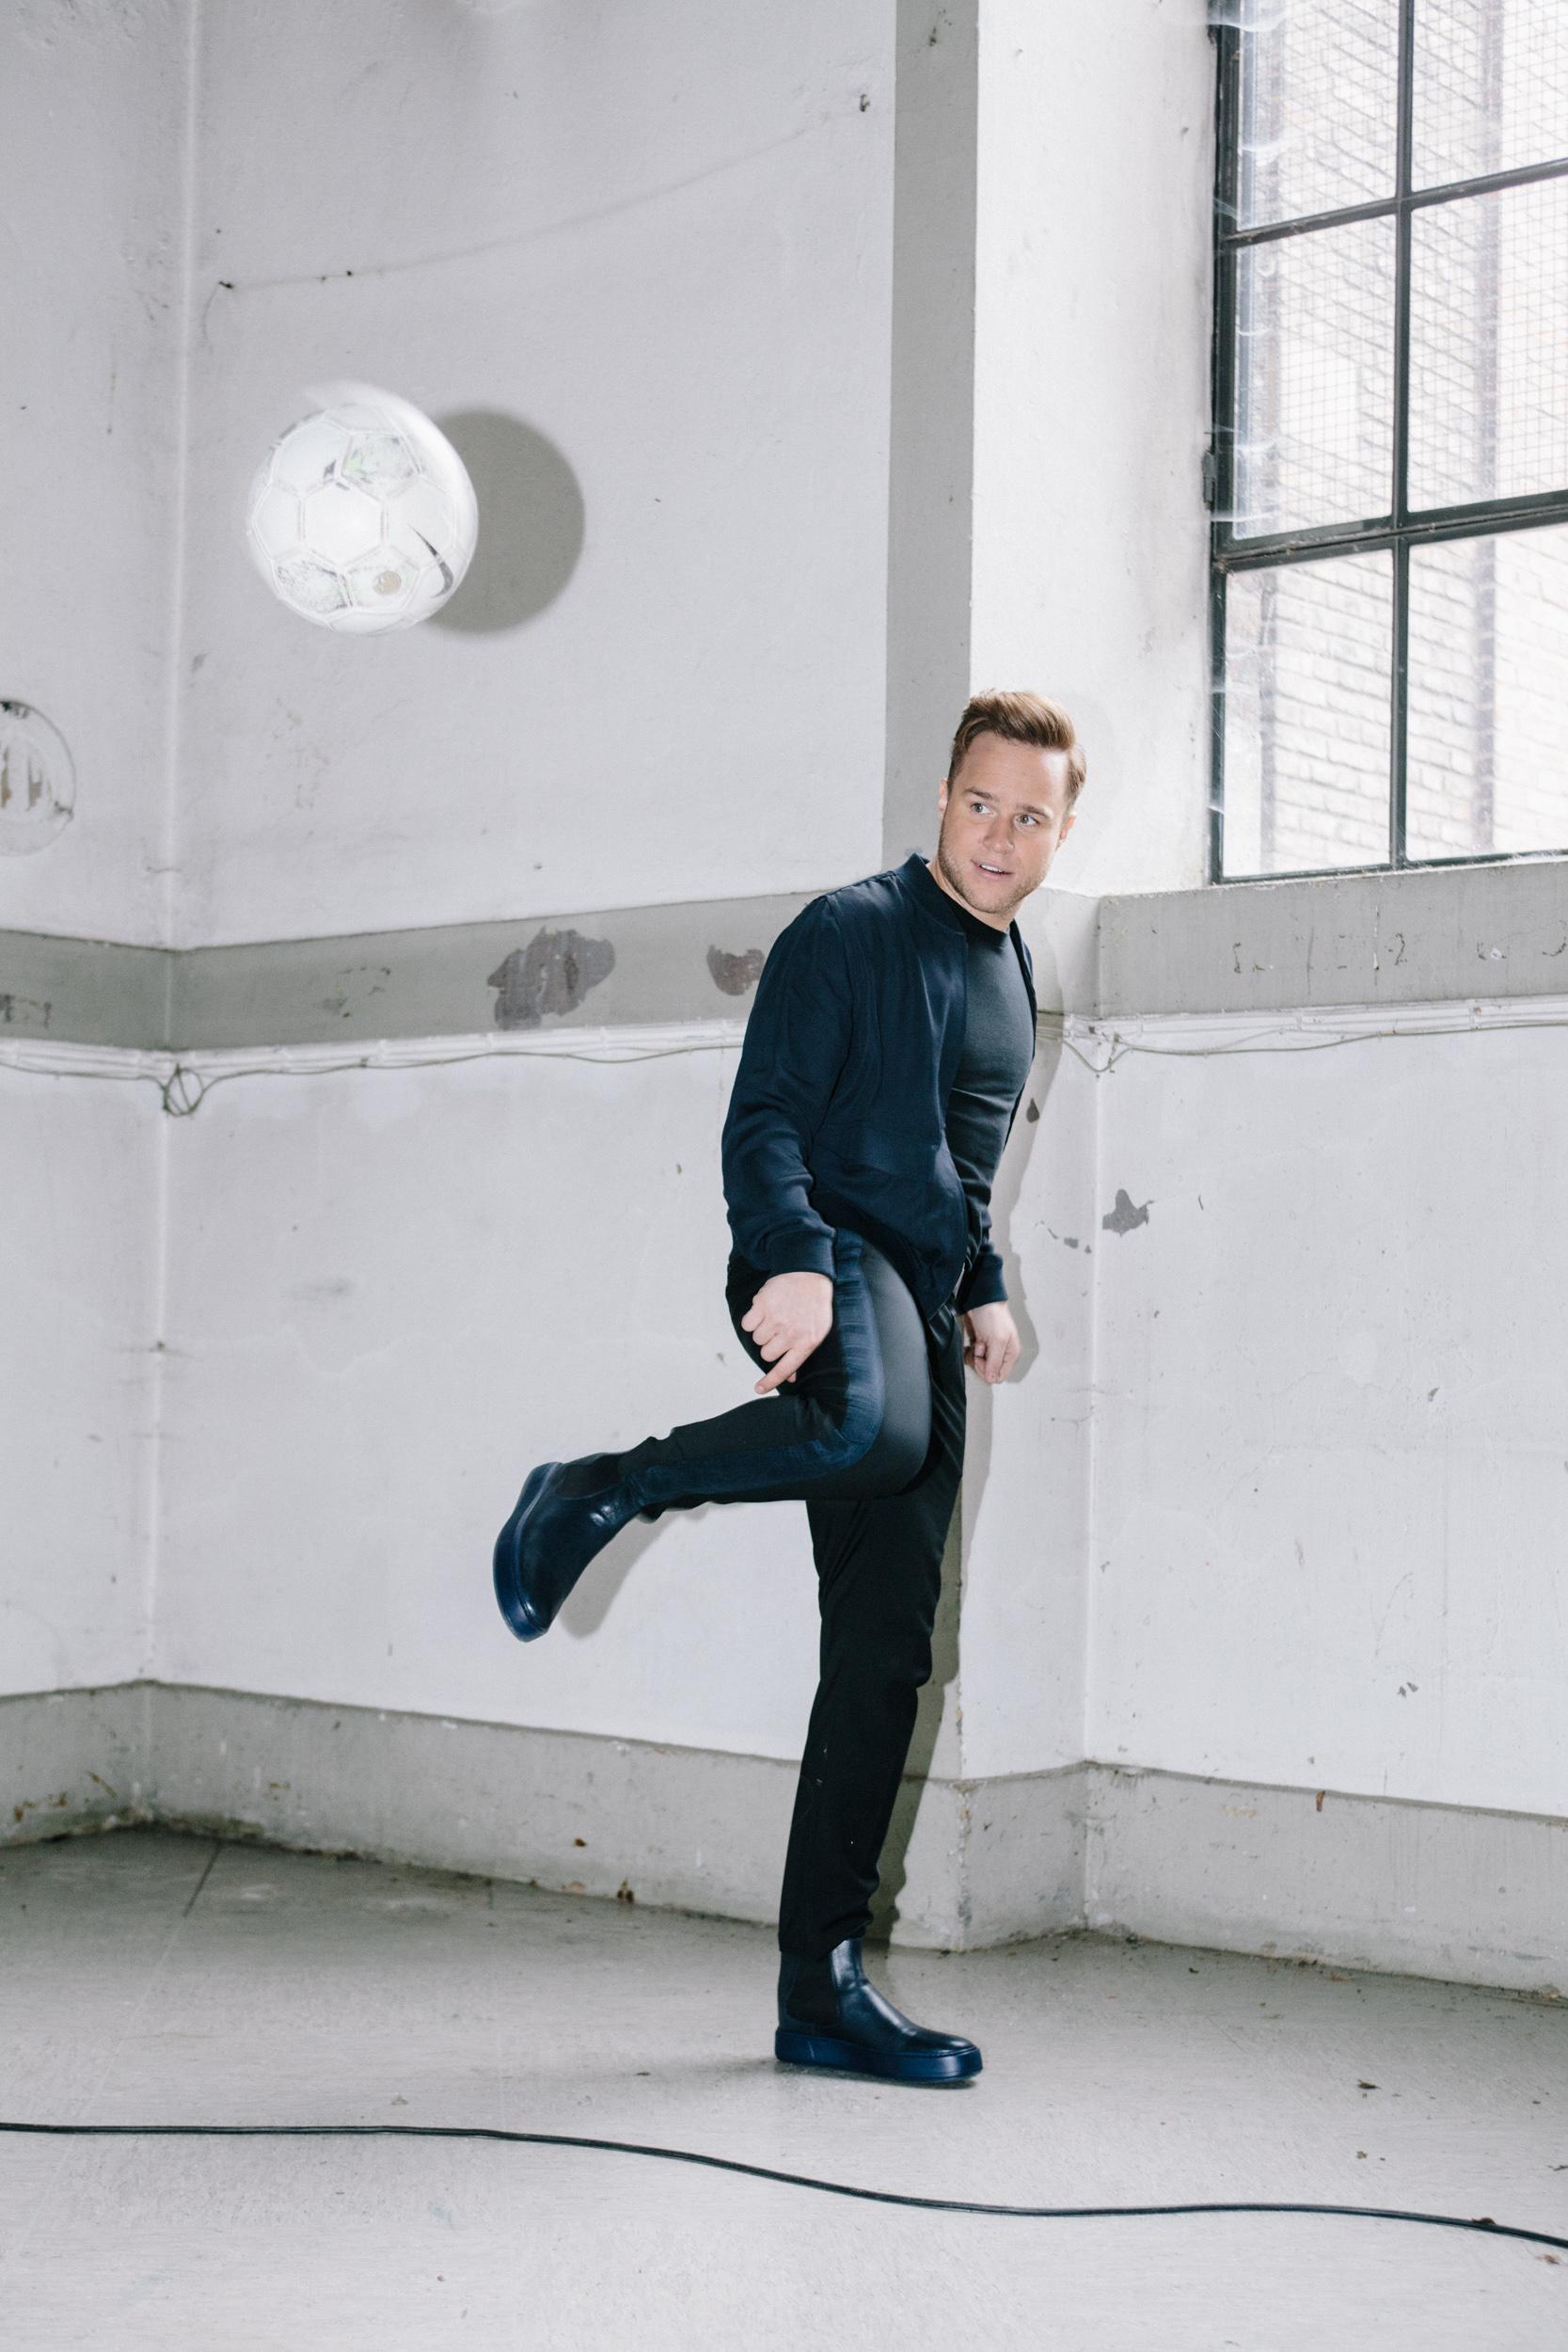 : Olly Murs - singer